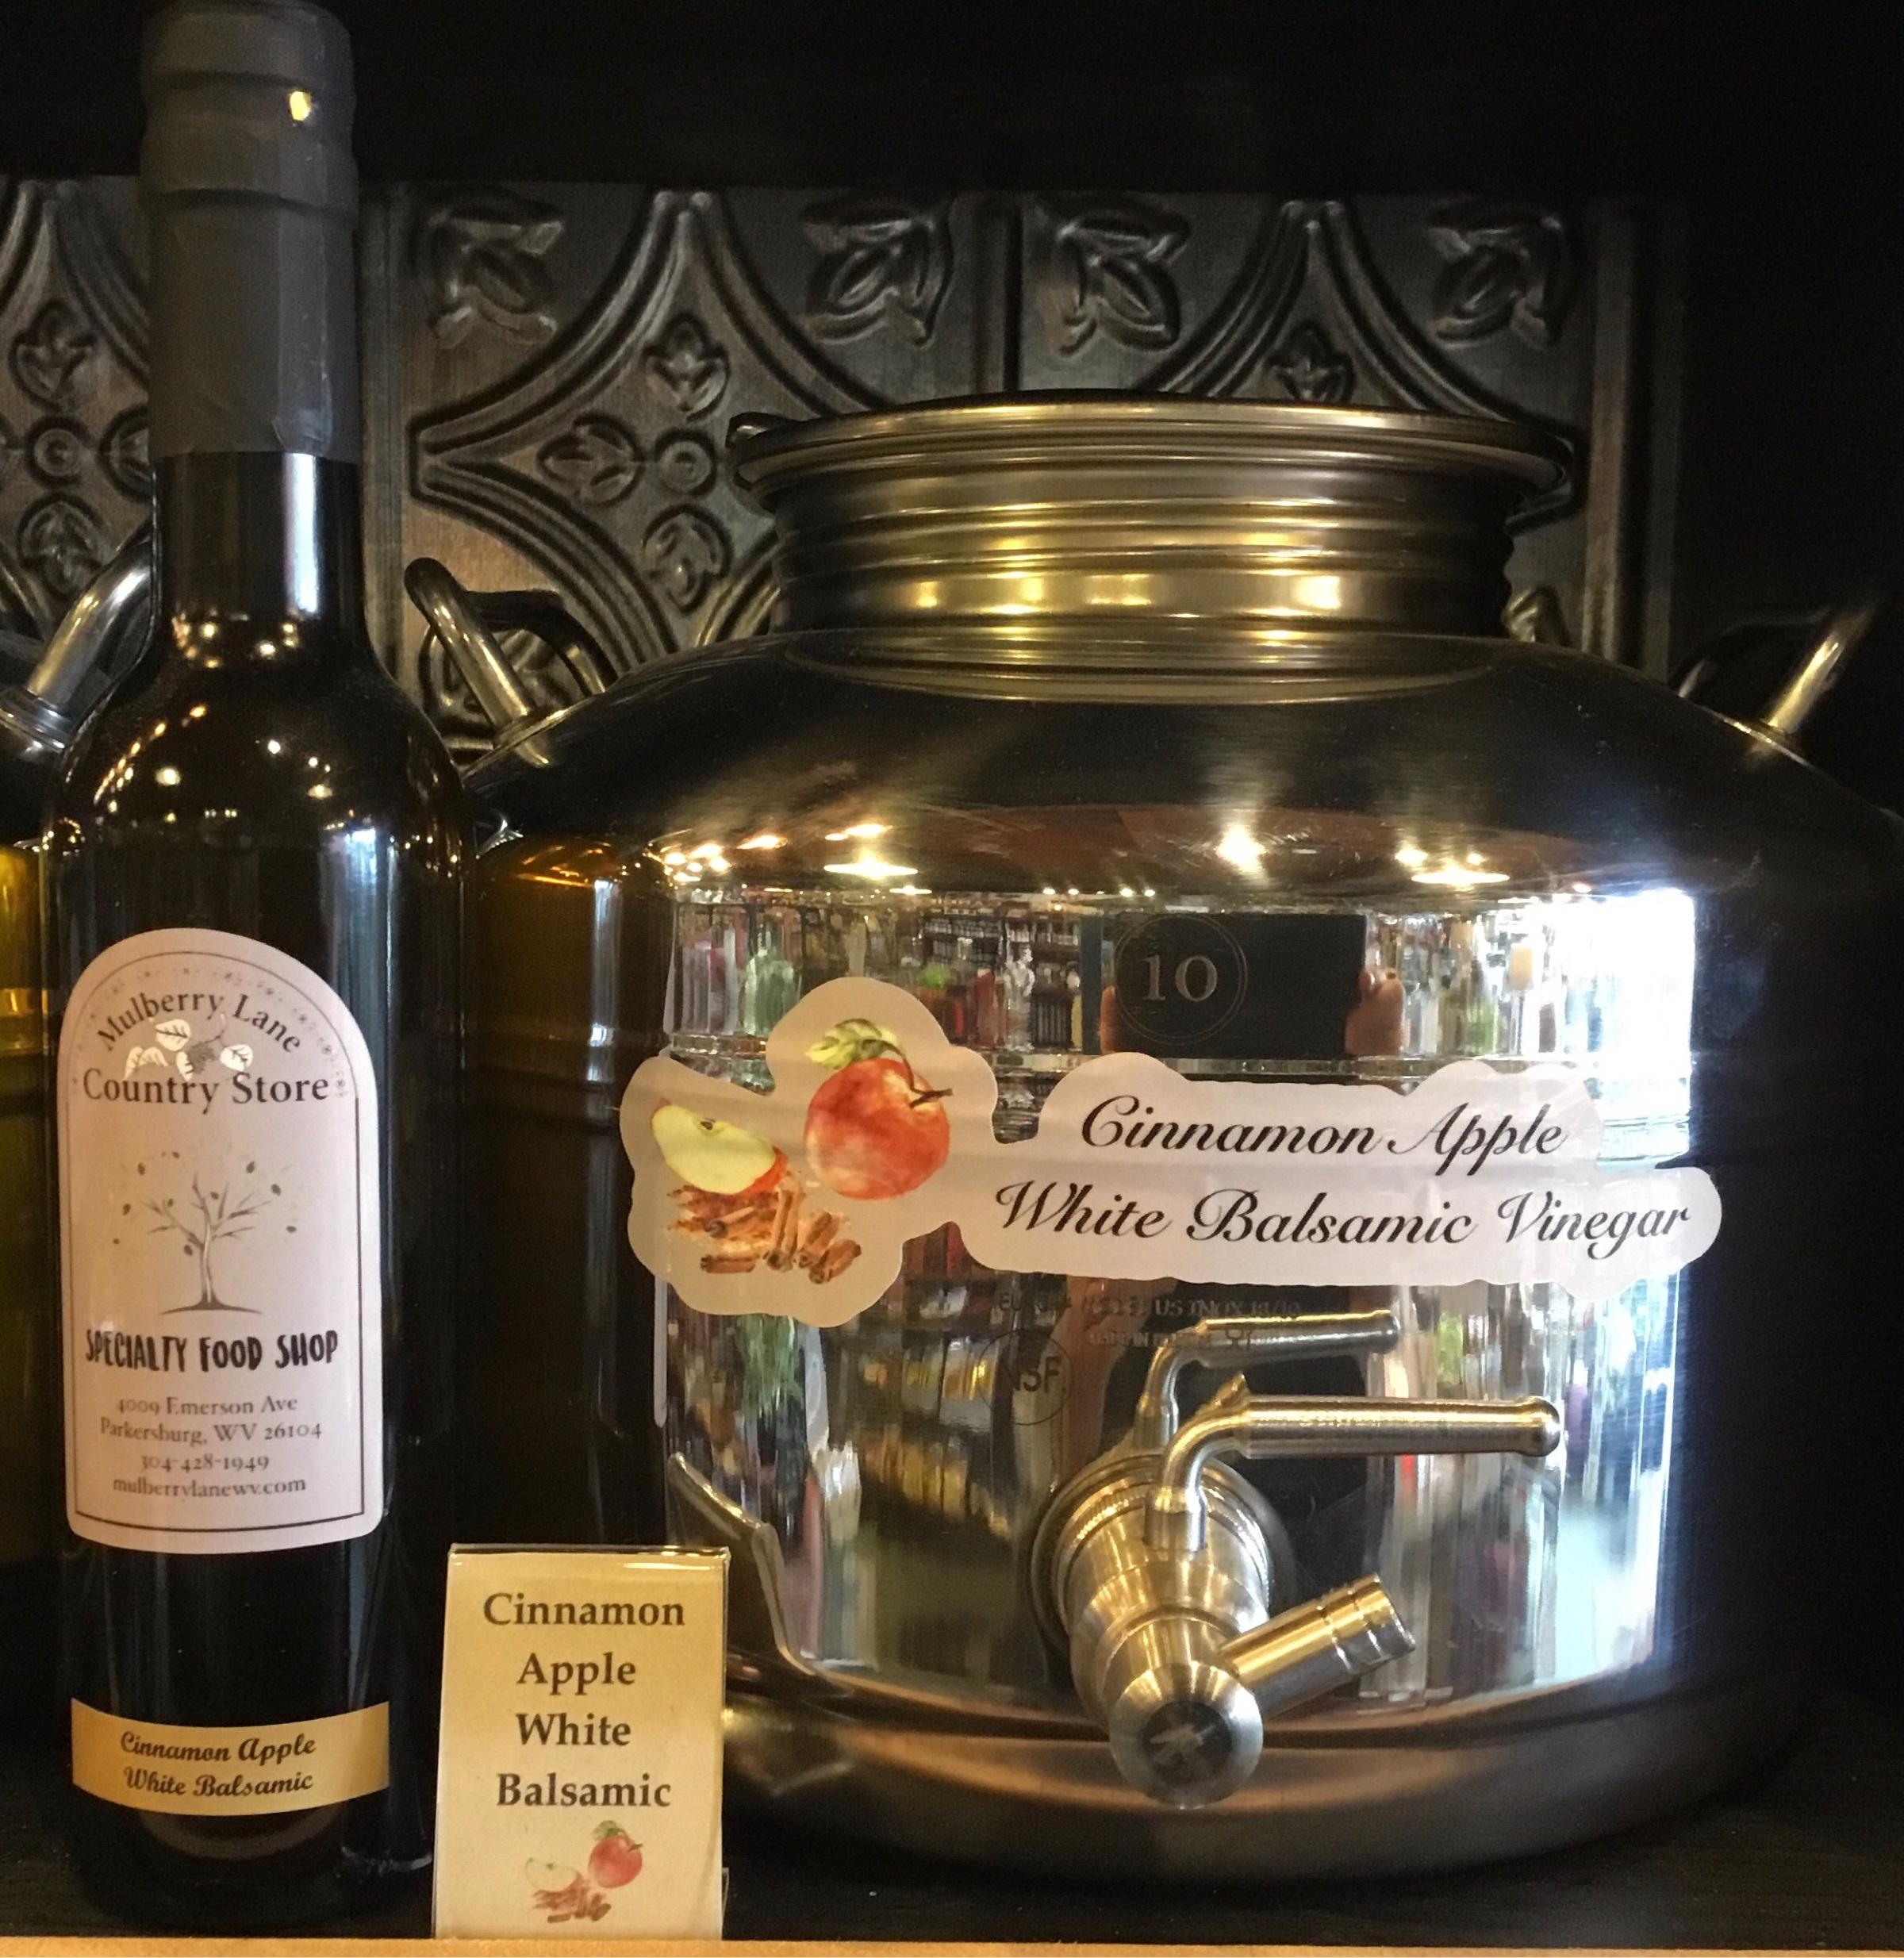 Cinnamon Apple White Balsamic Vinegar